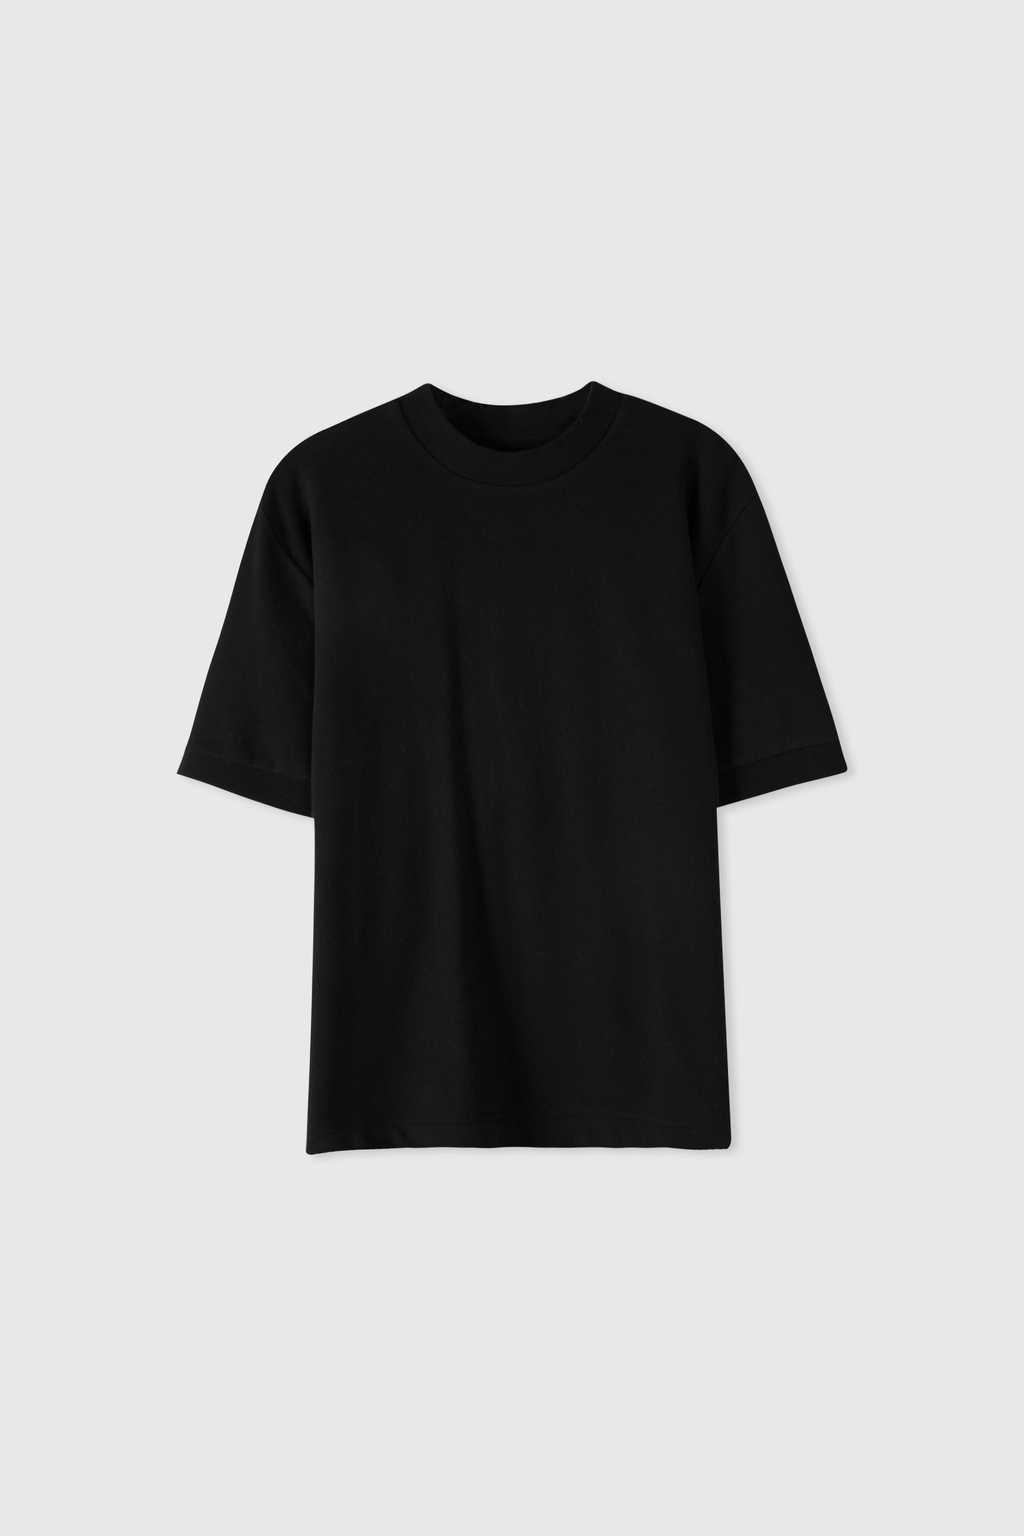 TShirt 2653 Black 7